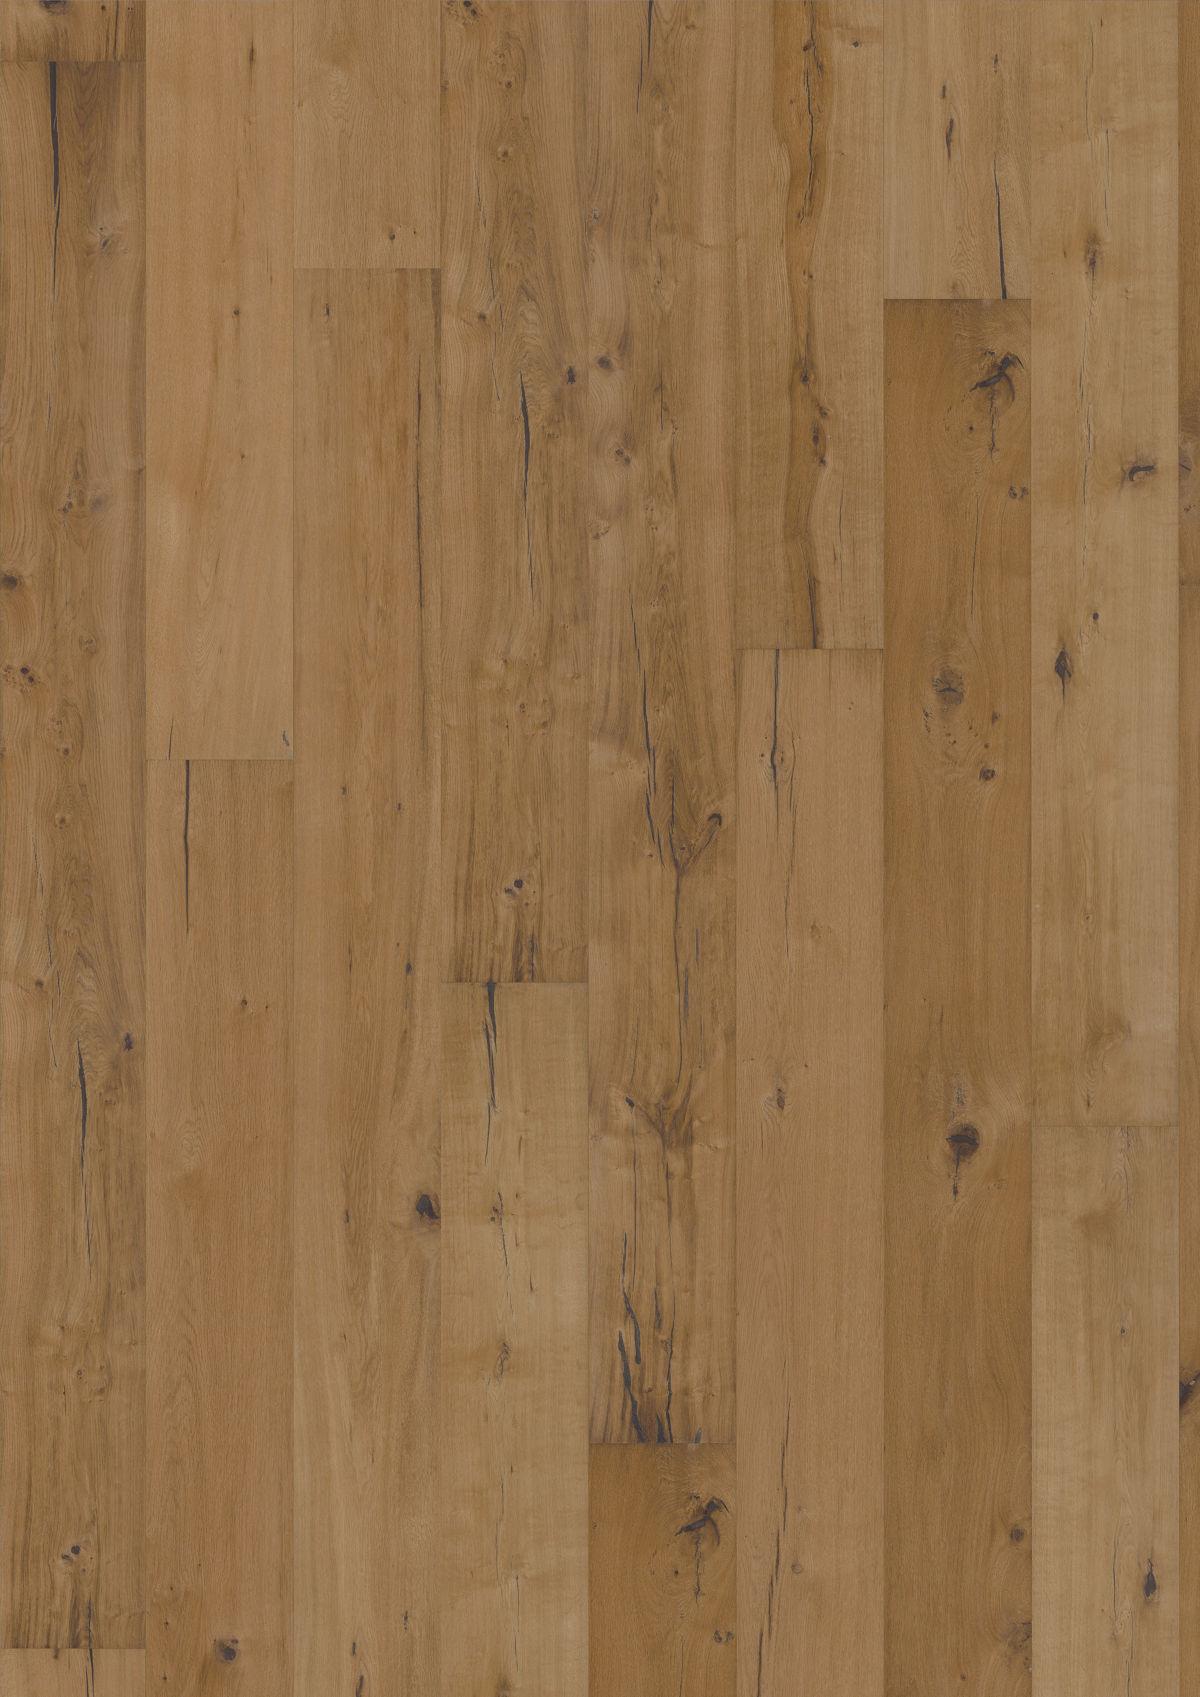 kahrs oak casa engineered wood flooring. Black Bedroom Furniture Sets. Home Design Ideas